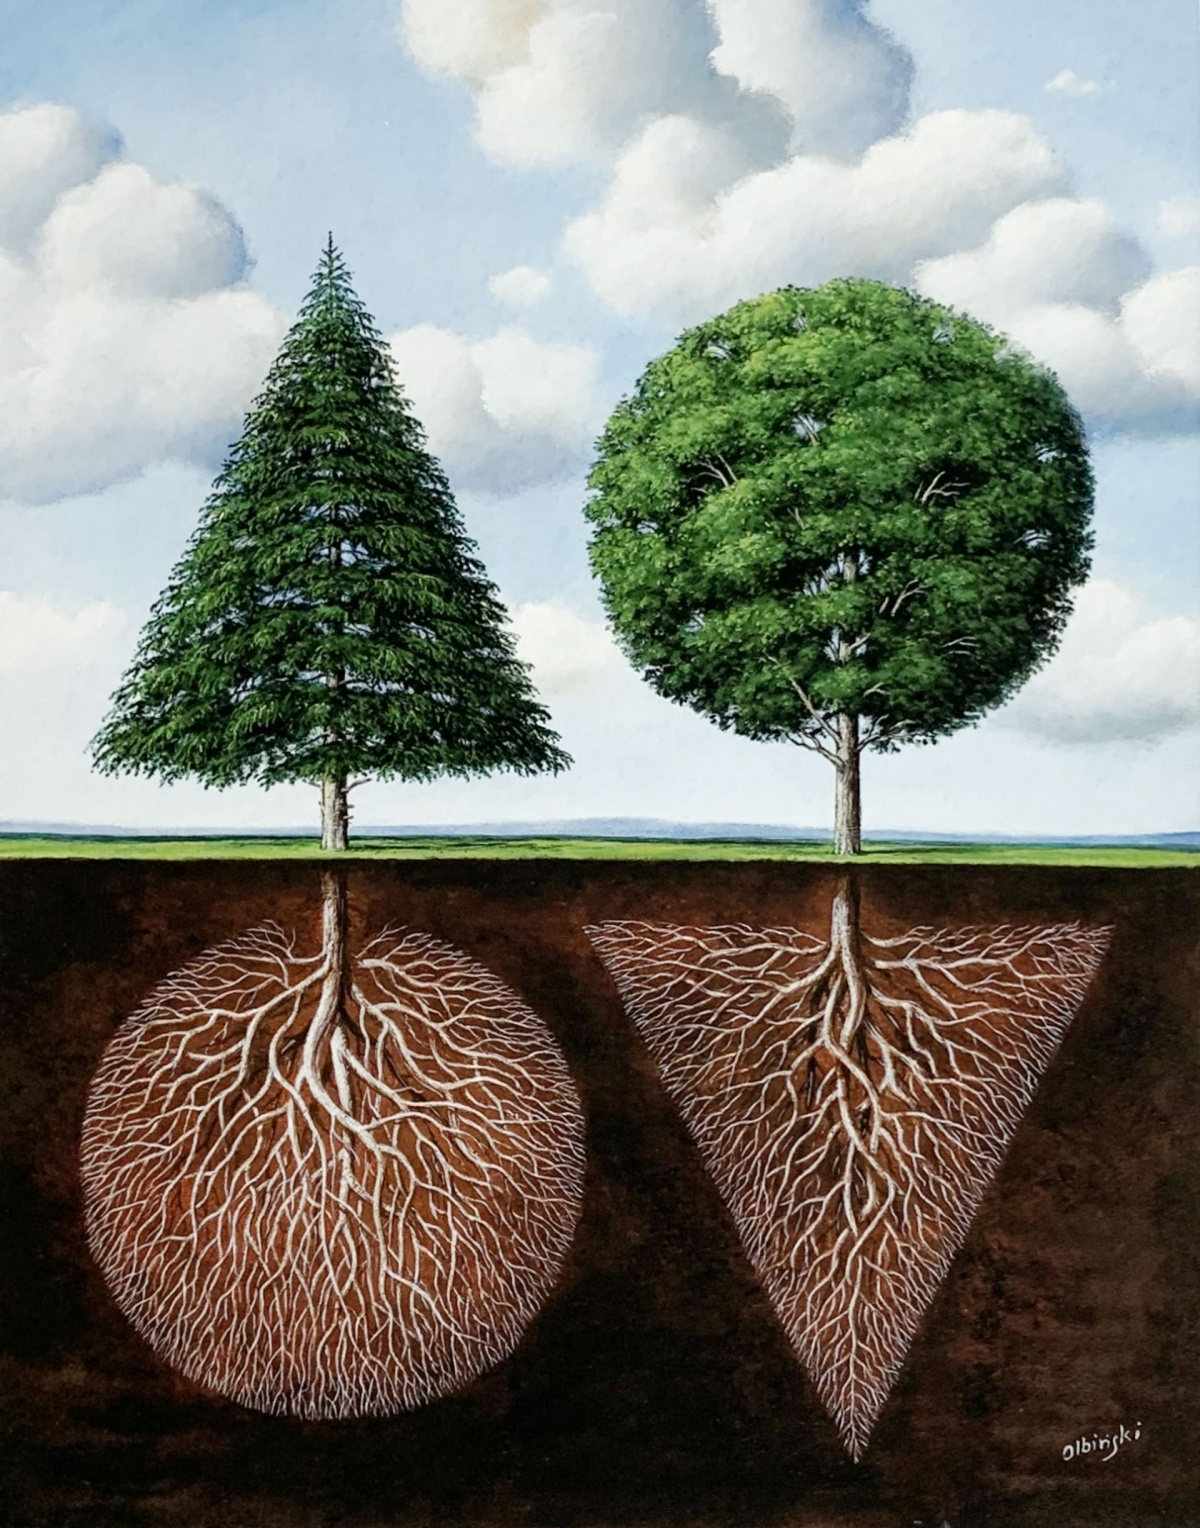 Dwa drzewa - powierzchowna analogia, 2020 r.